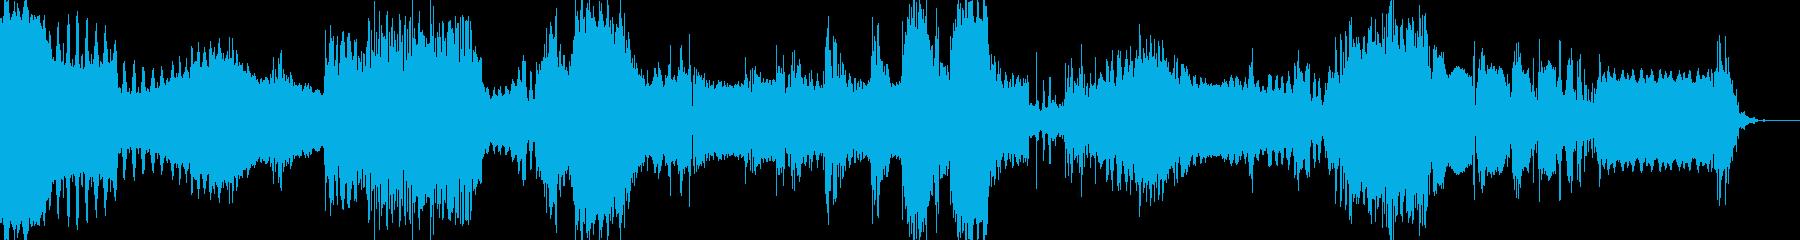 謎の怪電波01の再生済みの波形